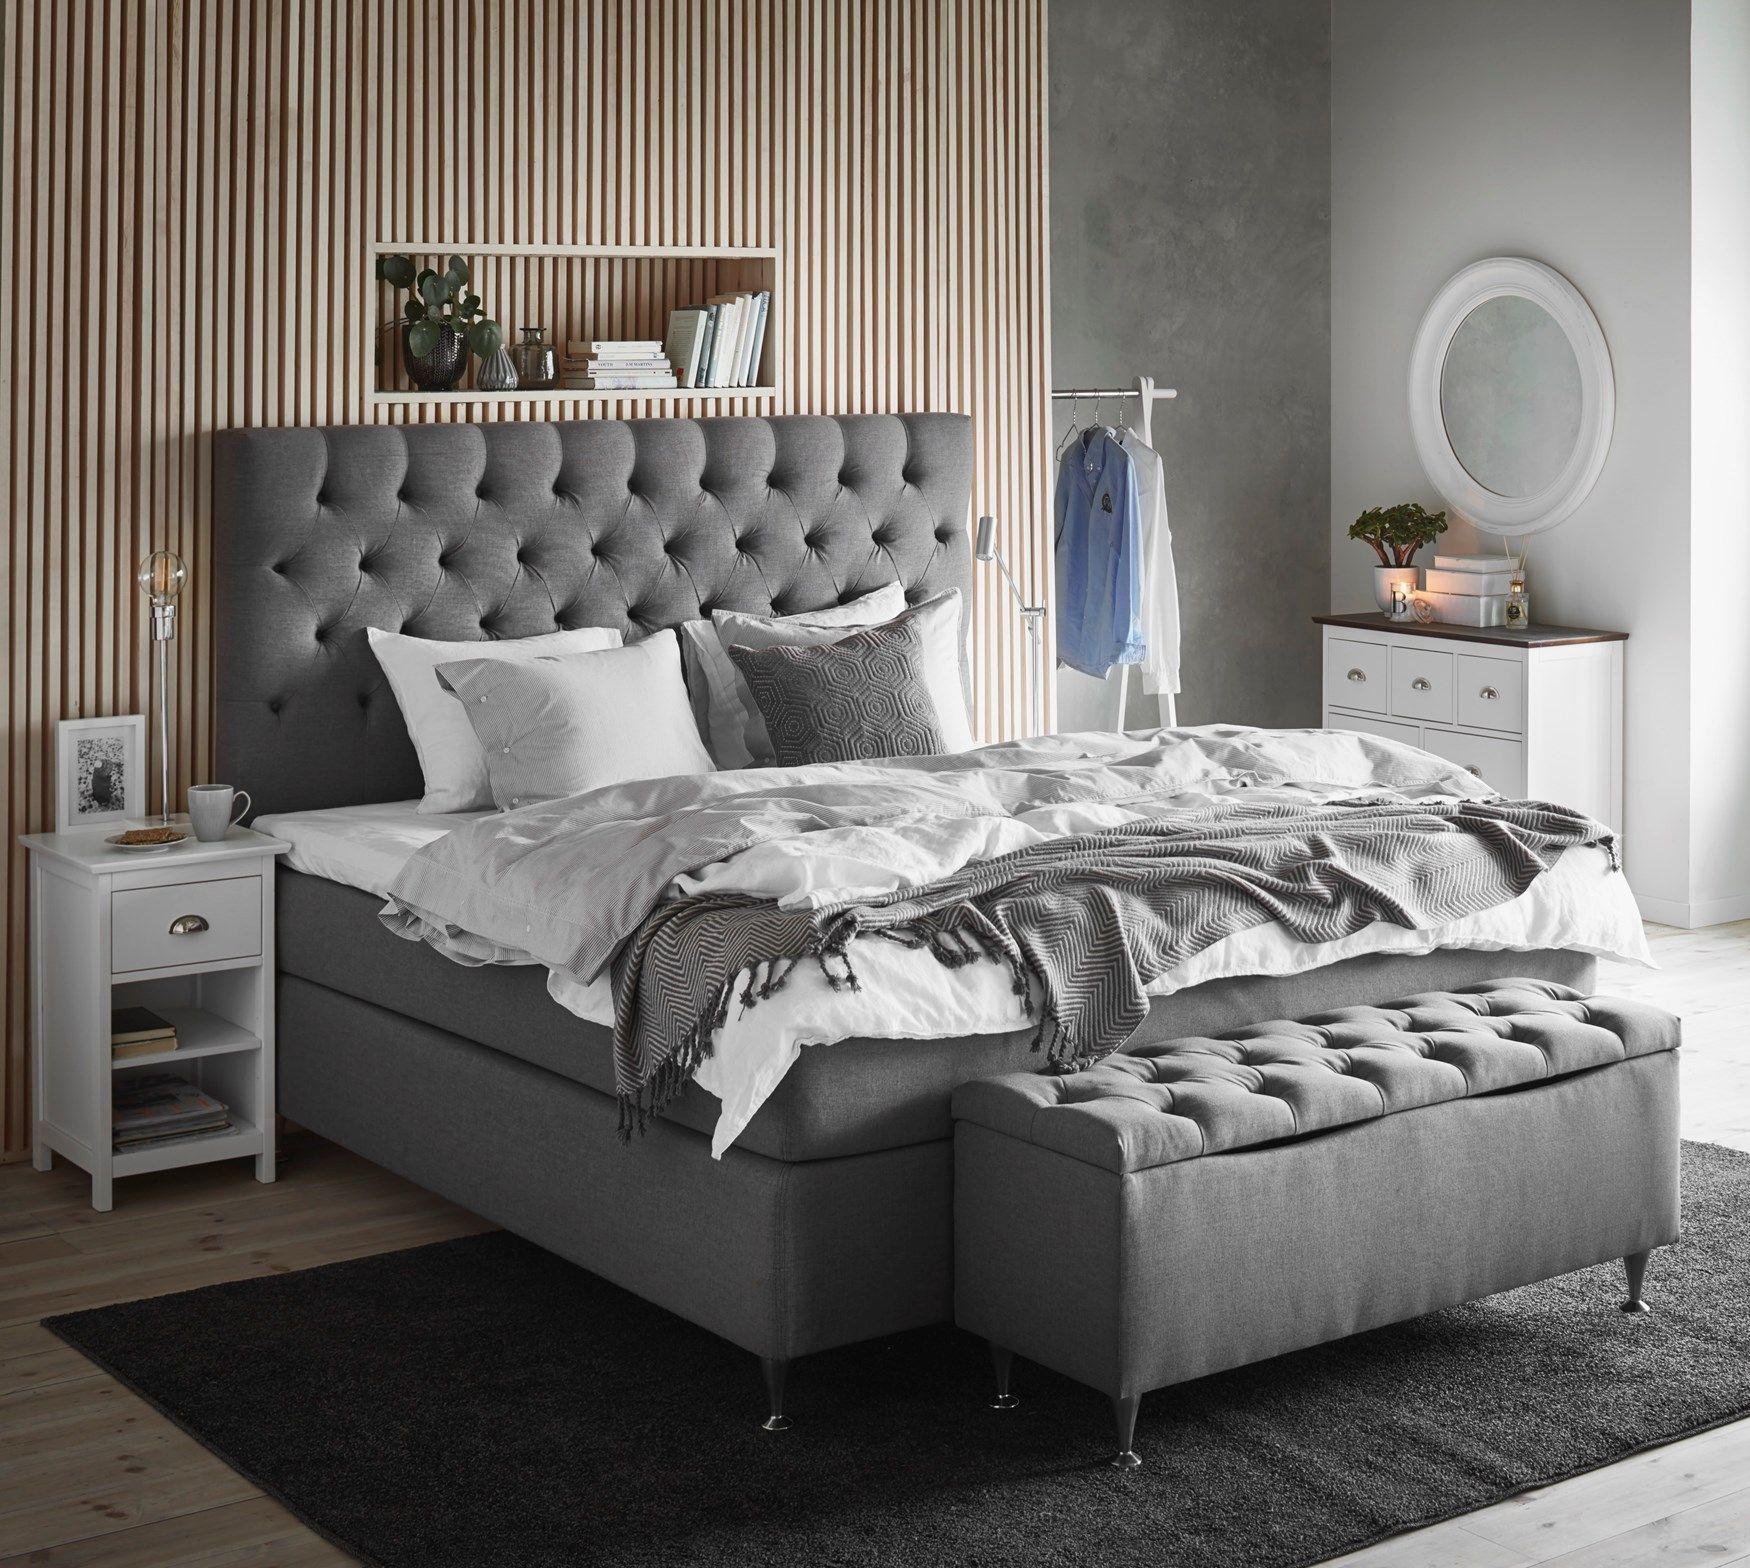 Sleep sittbänk med smart förvaring från Mio Bedroom sovrum Pinterest Sovrum och Inredning